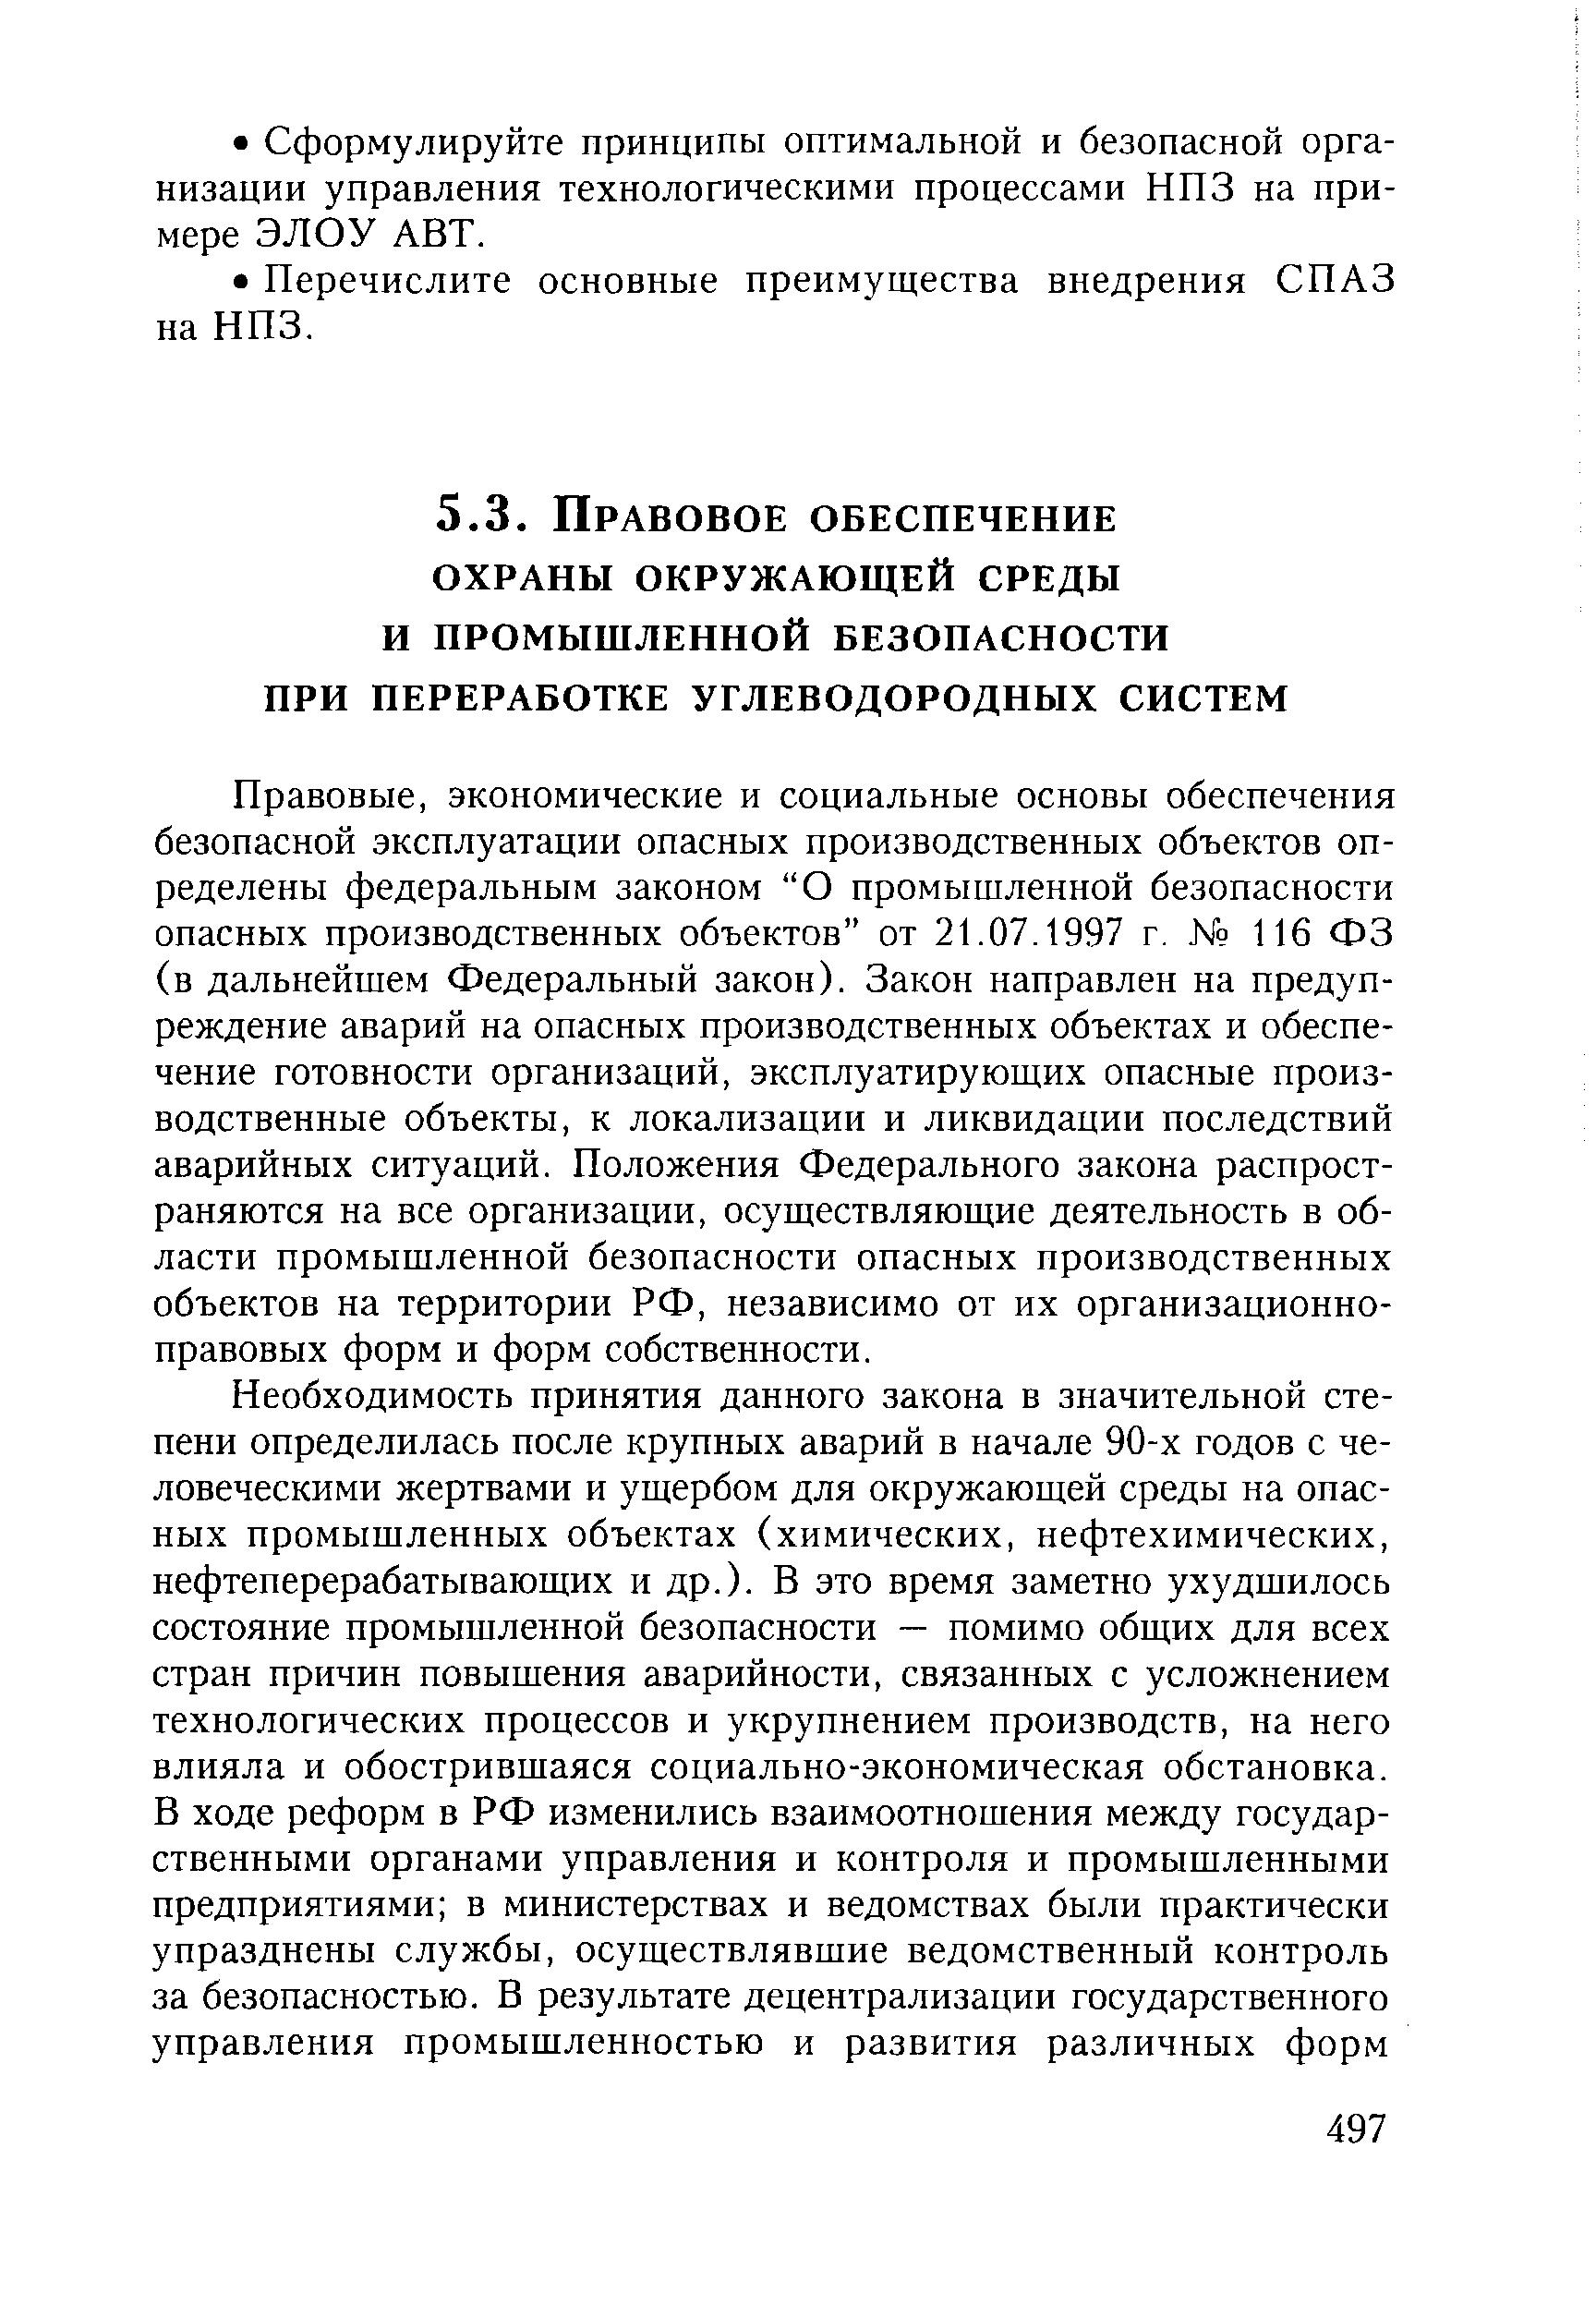 pravovye-ekonomicheskie-i-soczialnye-osnovy-obespecheniya-bezopasnoj-ekspluataczii-opasnyh-proizvodstvennyh-obektov-2